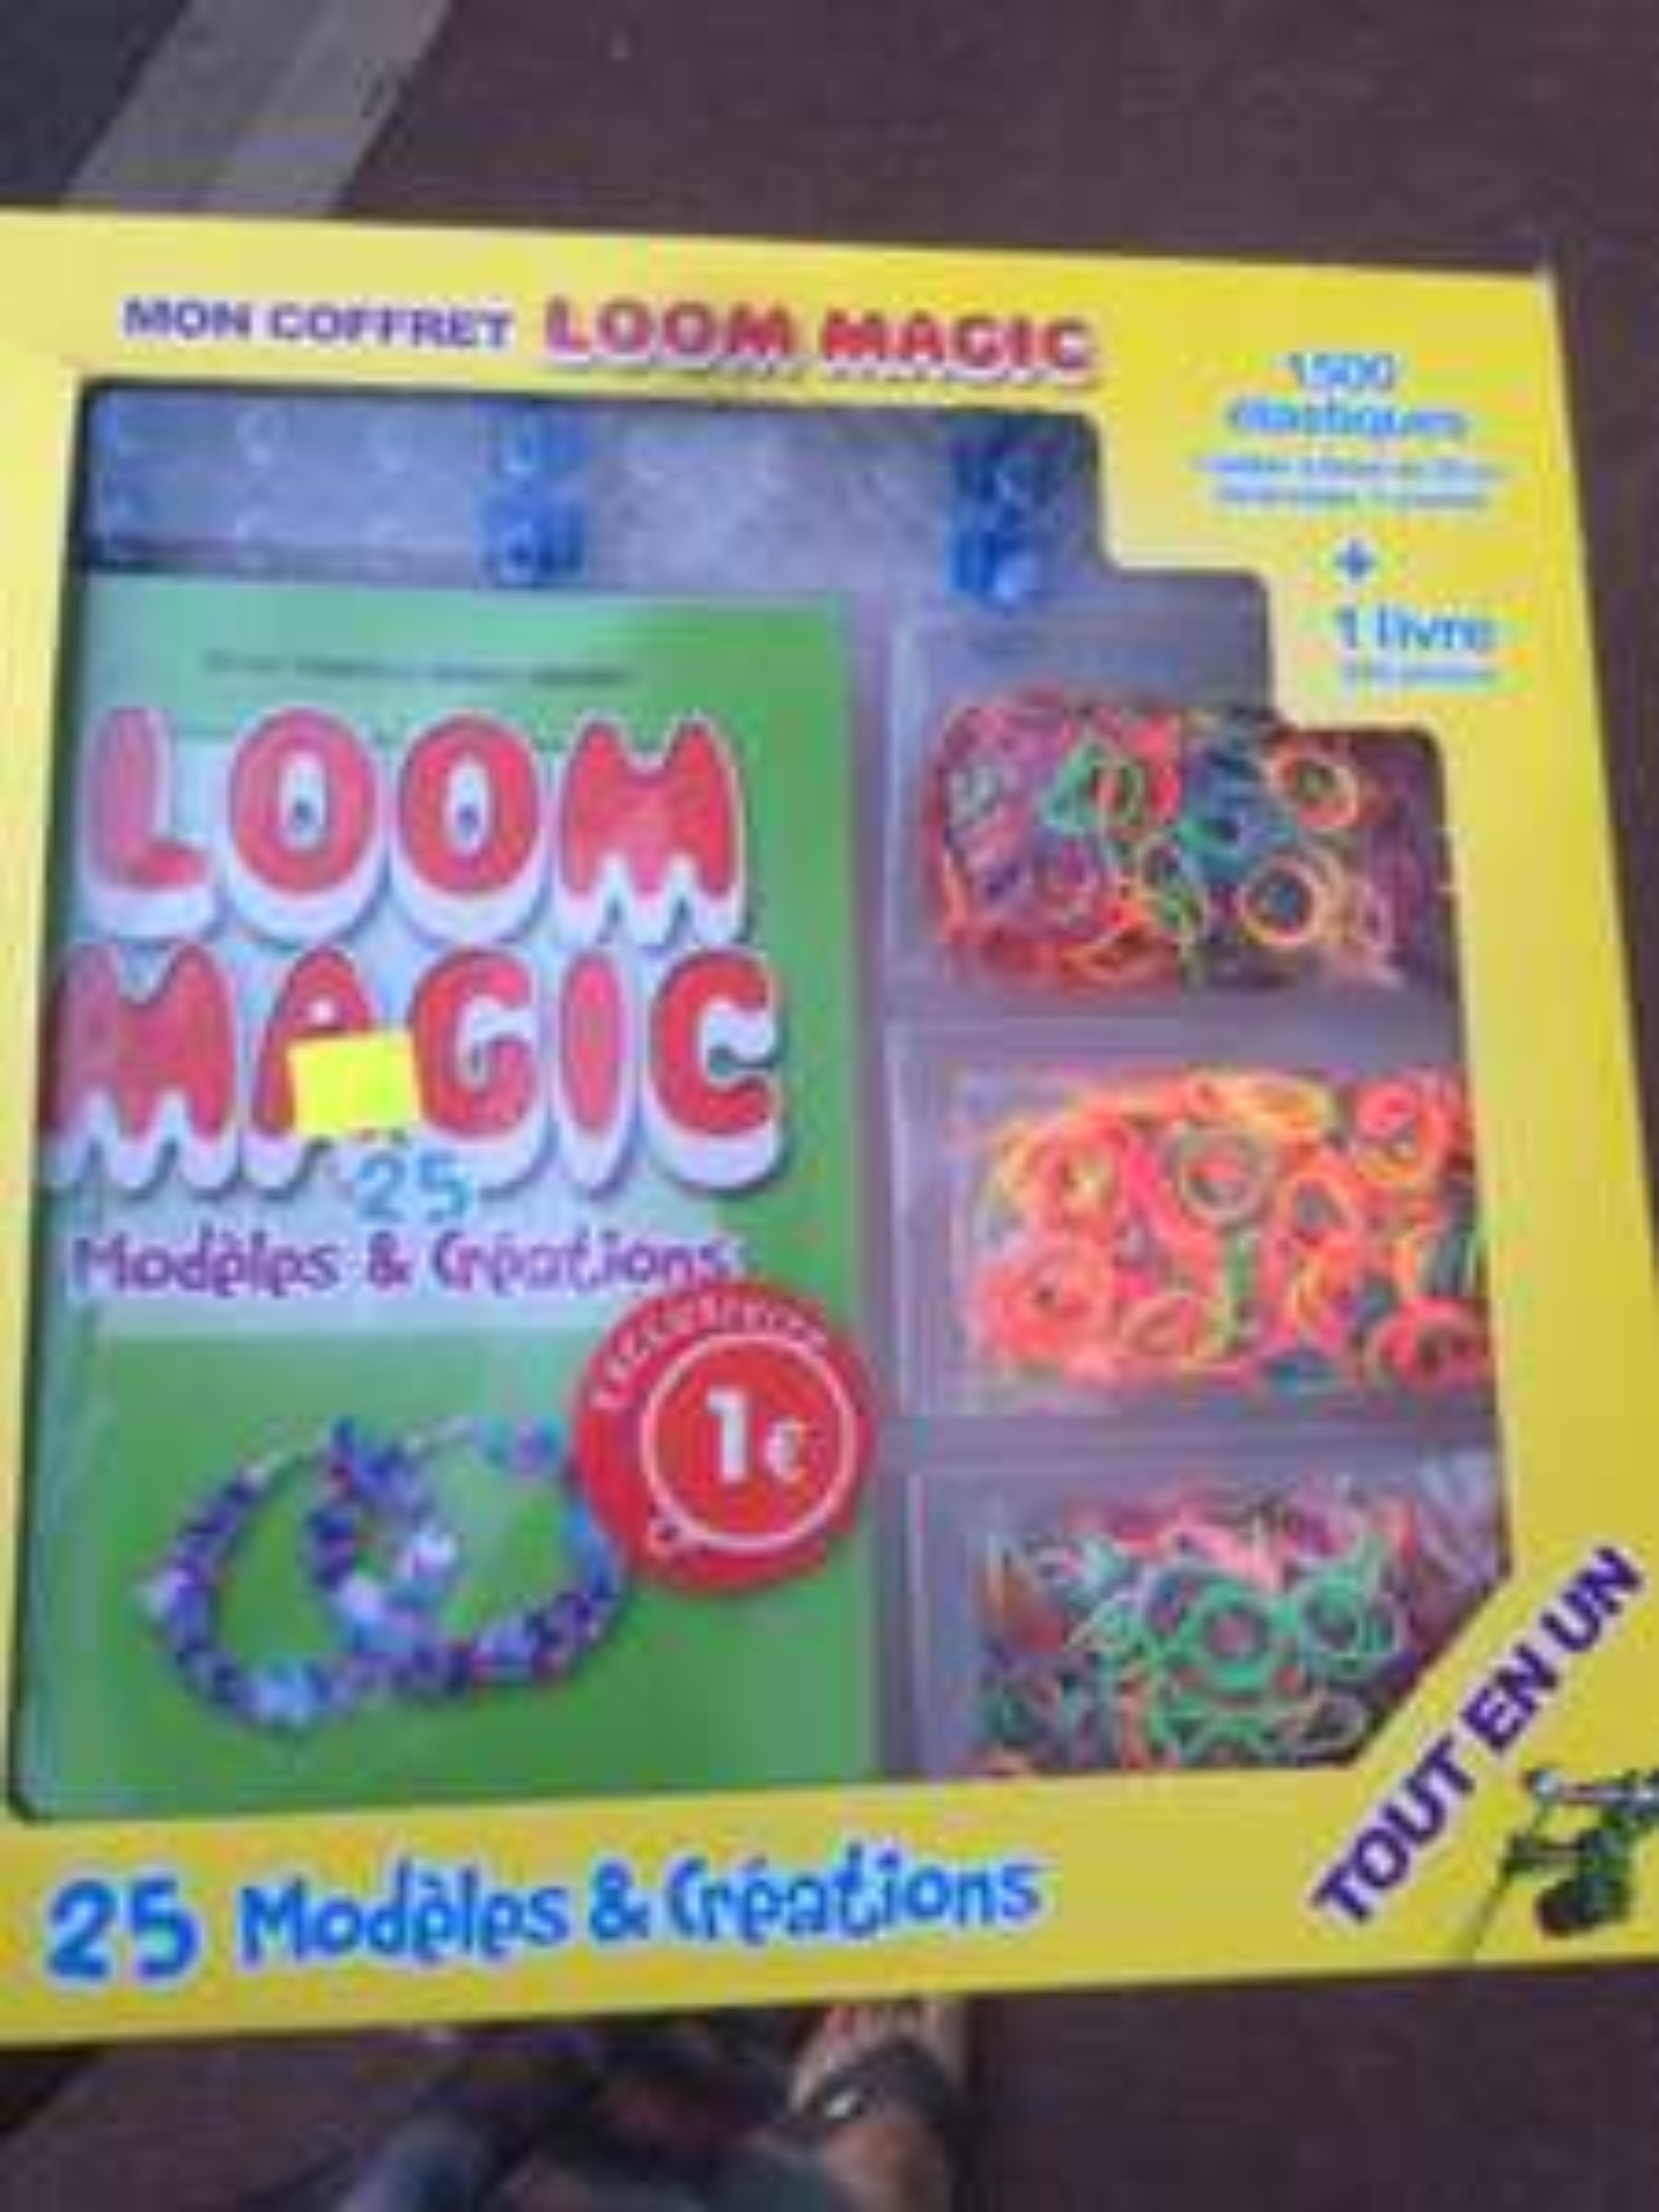 Coffret Loom Magie - 1500 élastiques + 24 fermoirs avec 1 Crochet + Livre 300 Photos